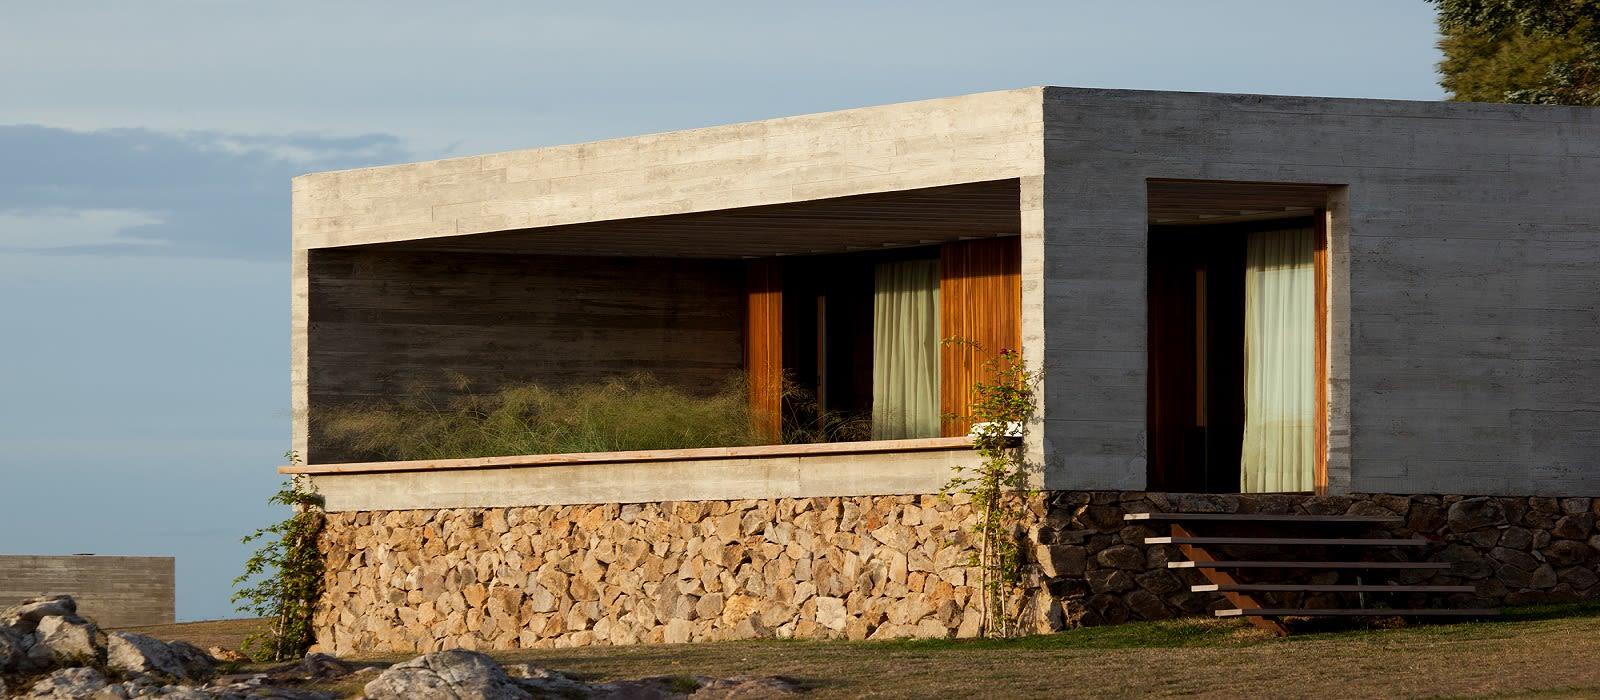 Hotel Fasano Las Piedras Uruguay